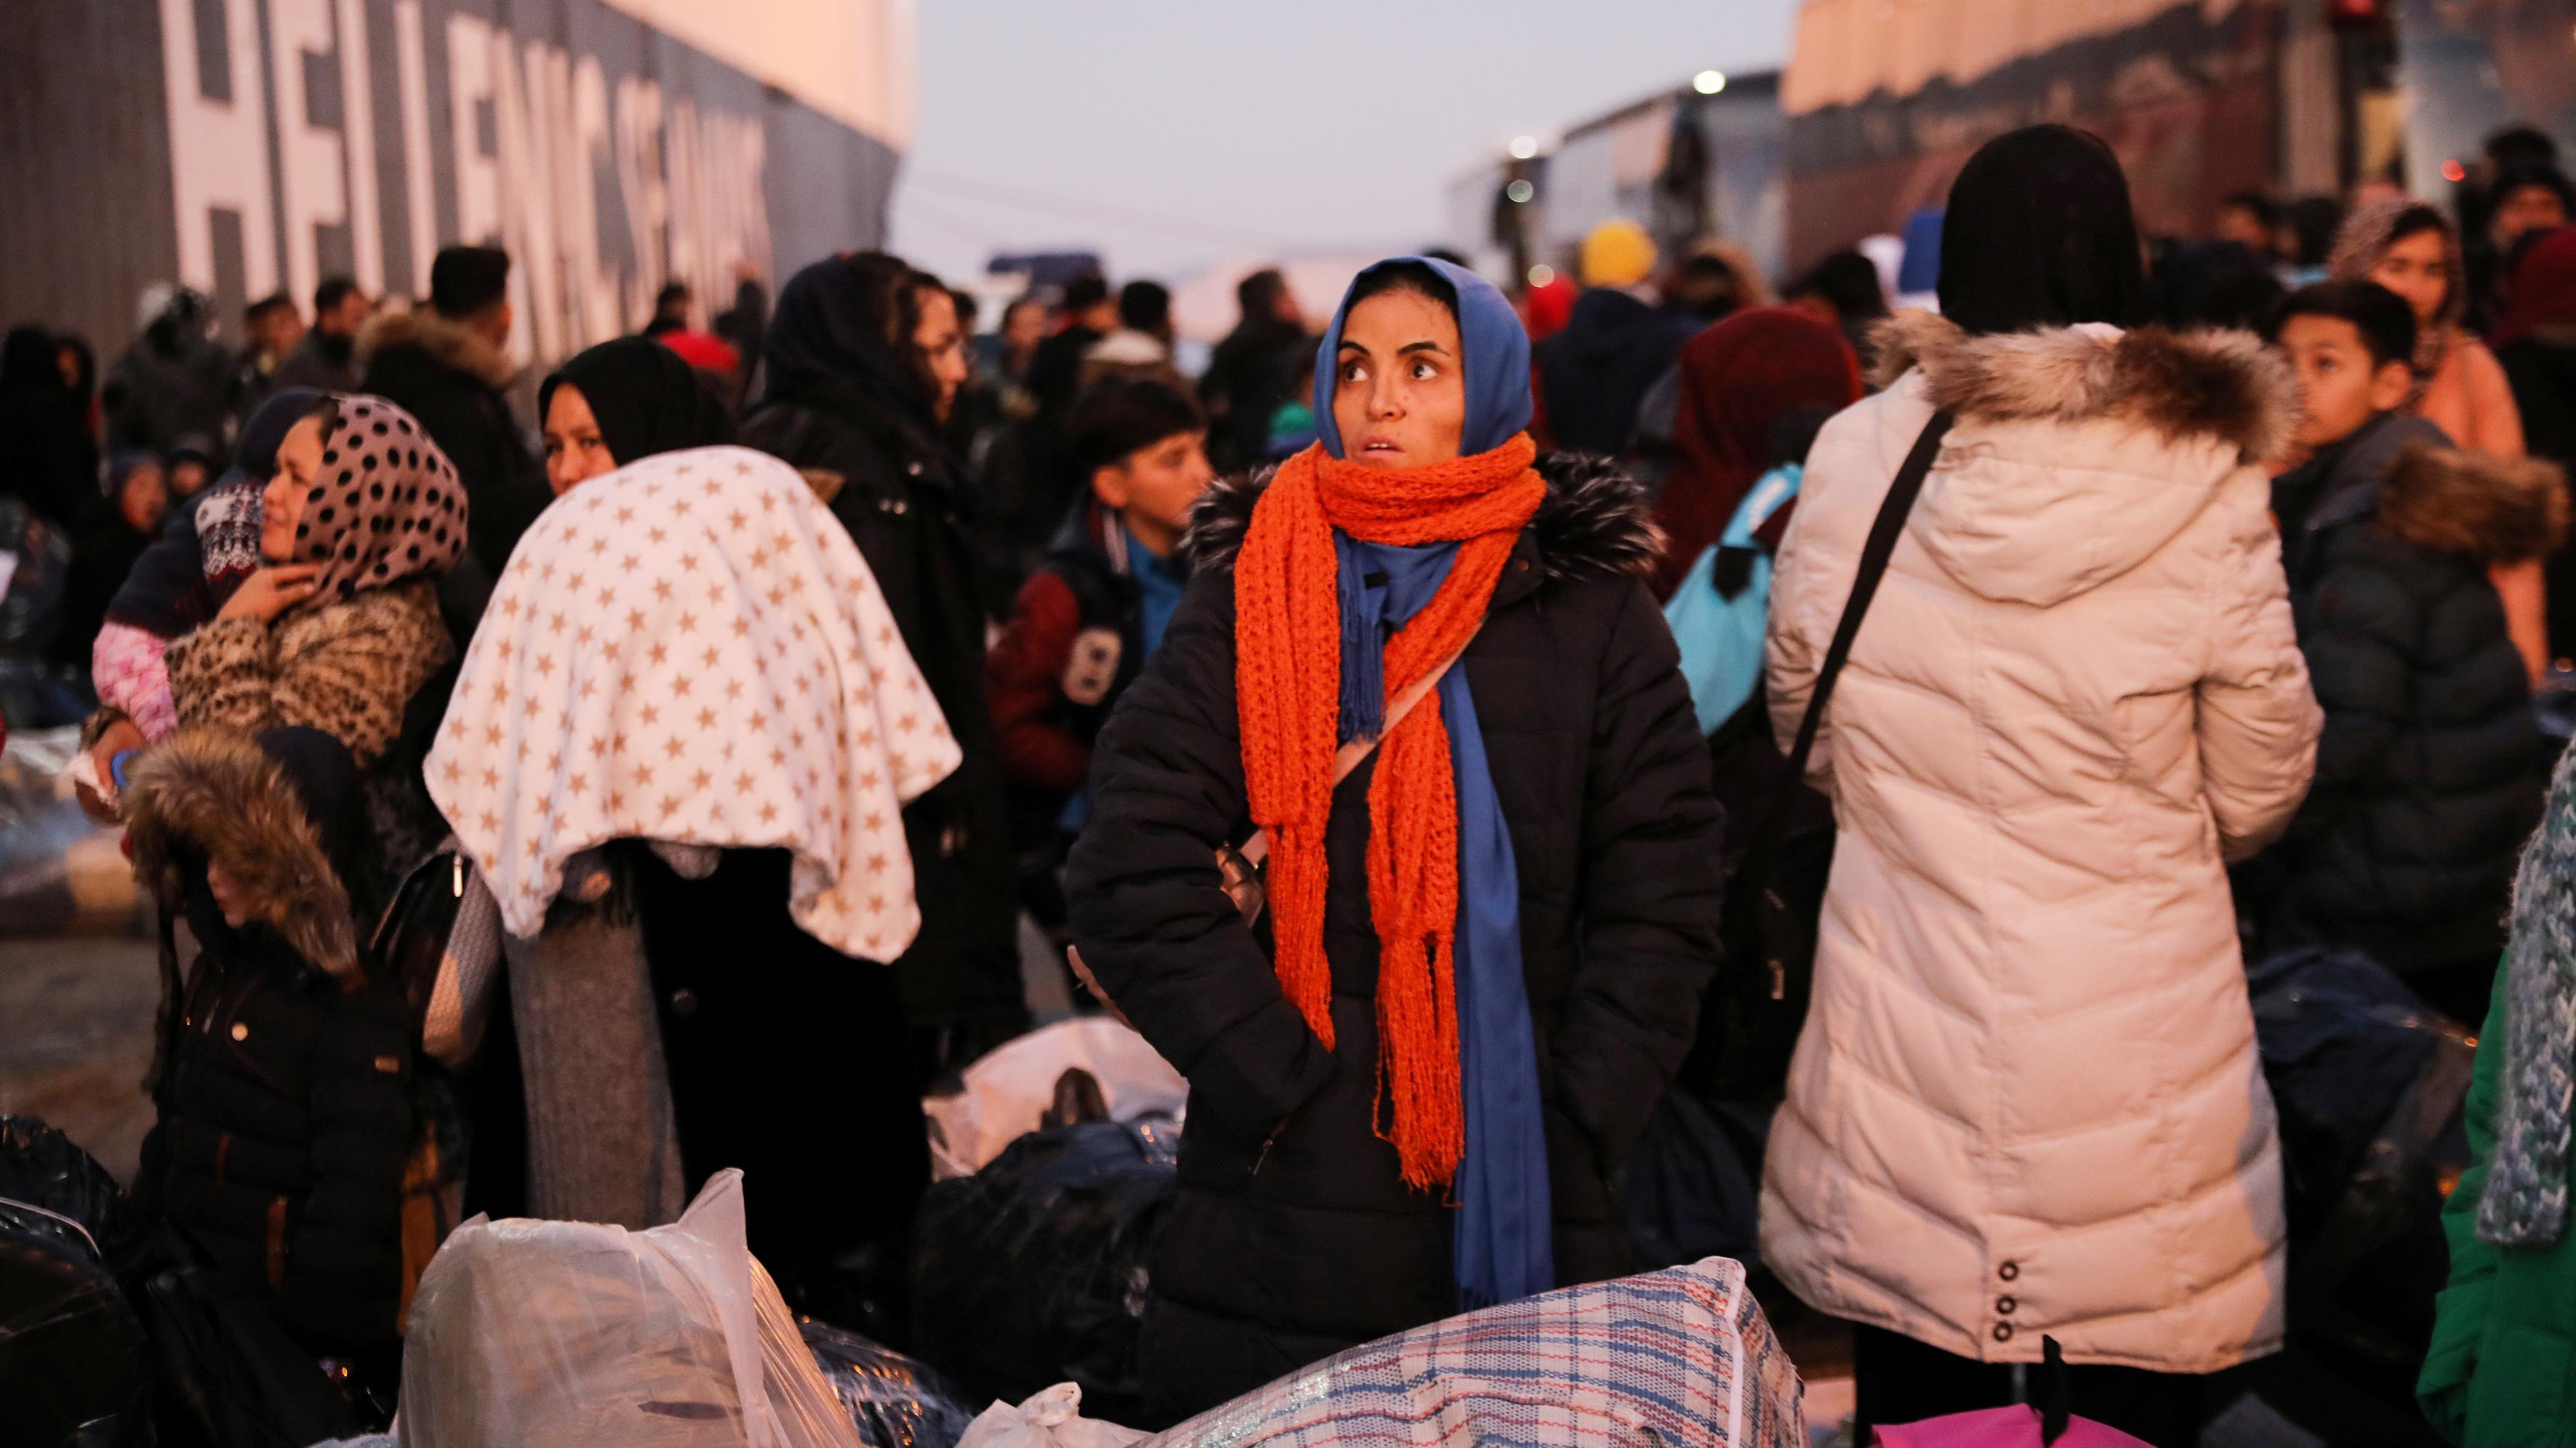 Griechenland: Sie haben die Insel Lesbos inzwischen verlassen: Flüchtlinge im Hafen von Piräus, wo sie auf das weitere Vorgehen der Behörden warten.